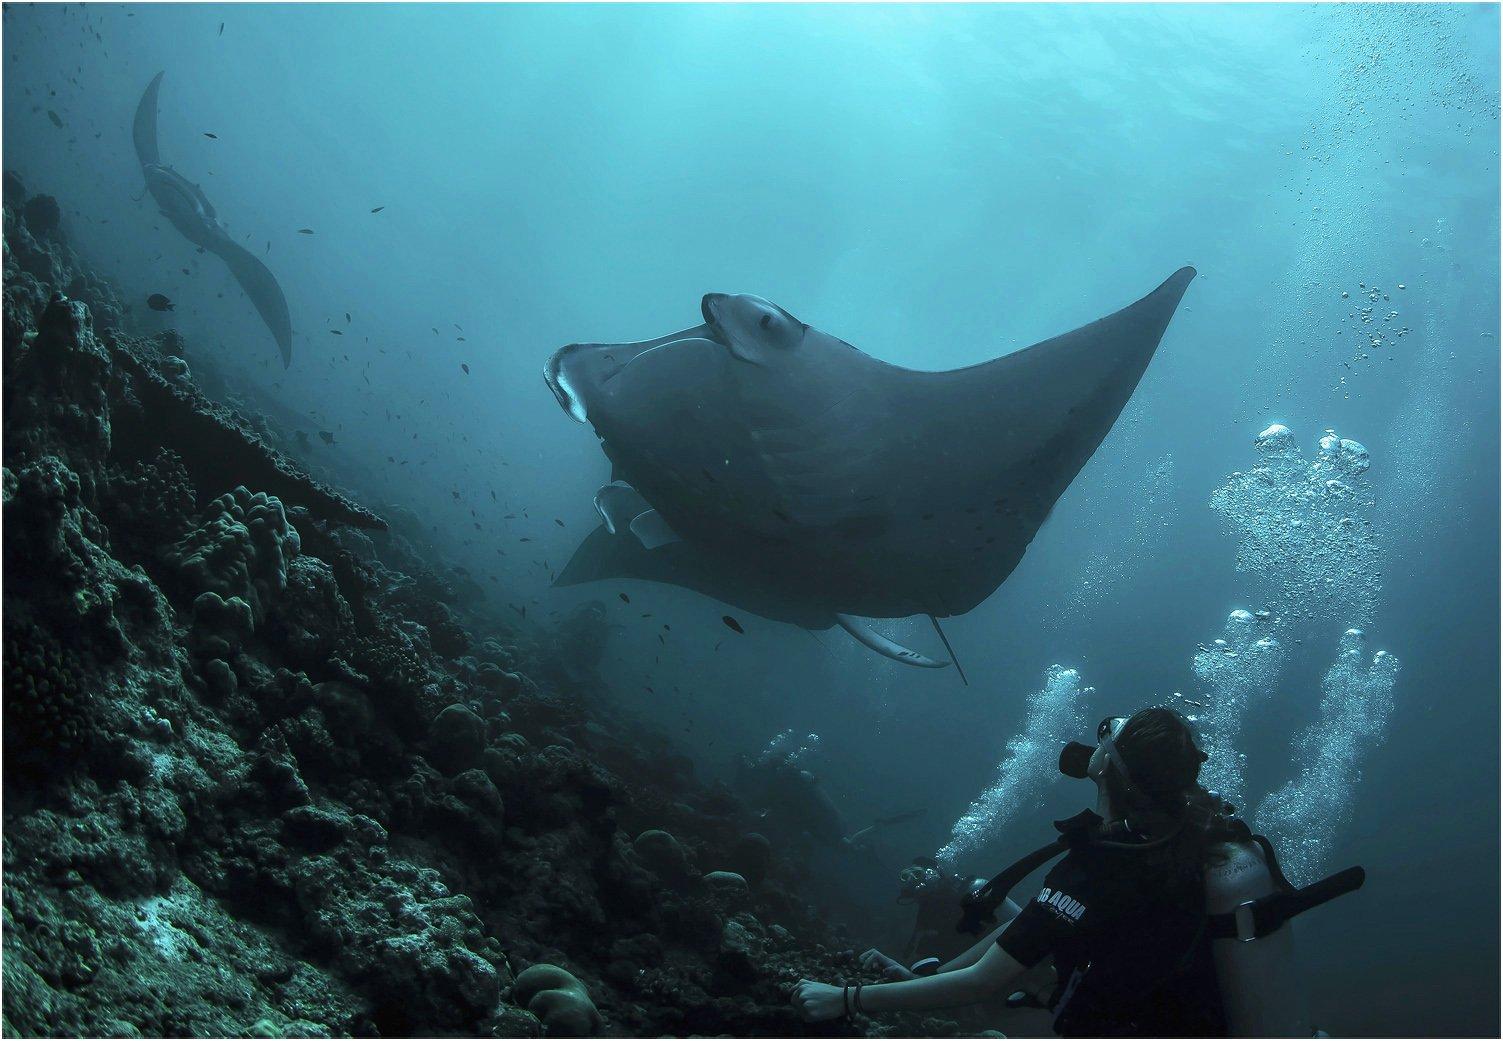 индийский океан, мальдивы, манты, подводный мир, Сергей Гаспарян